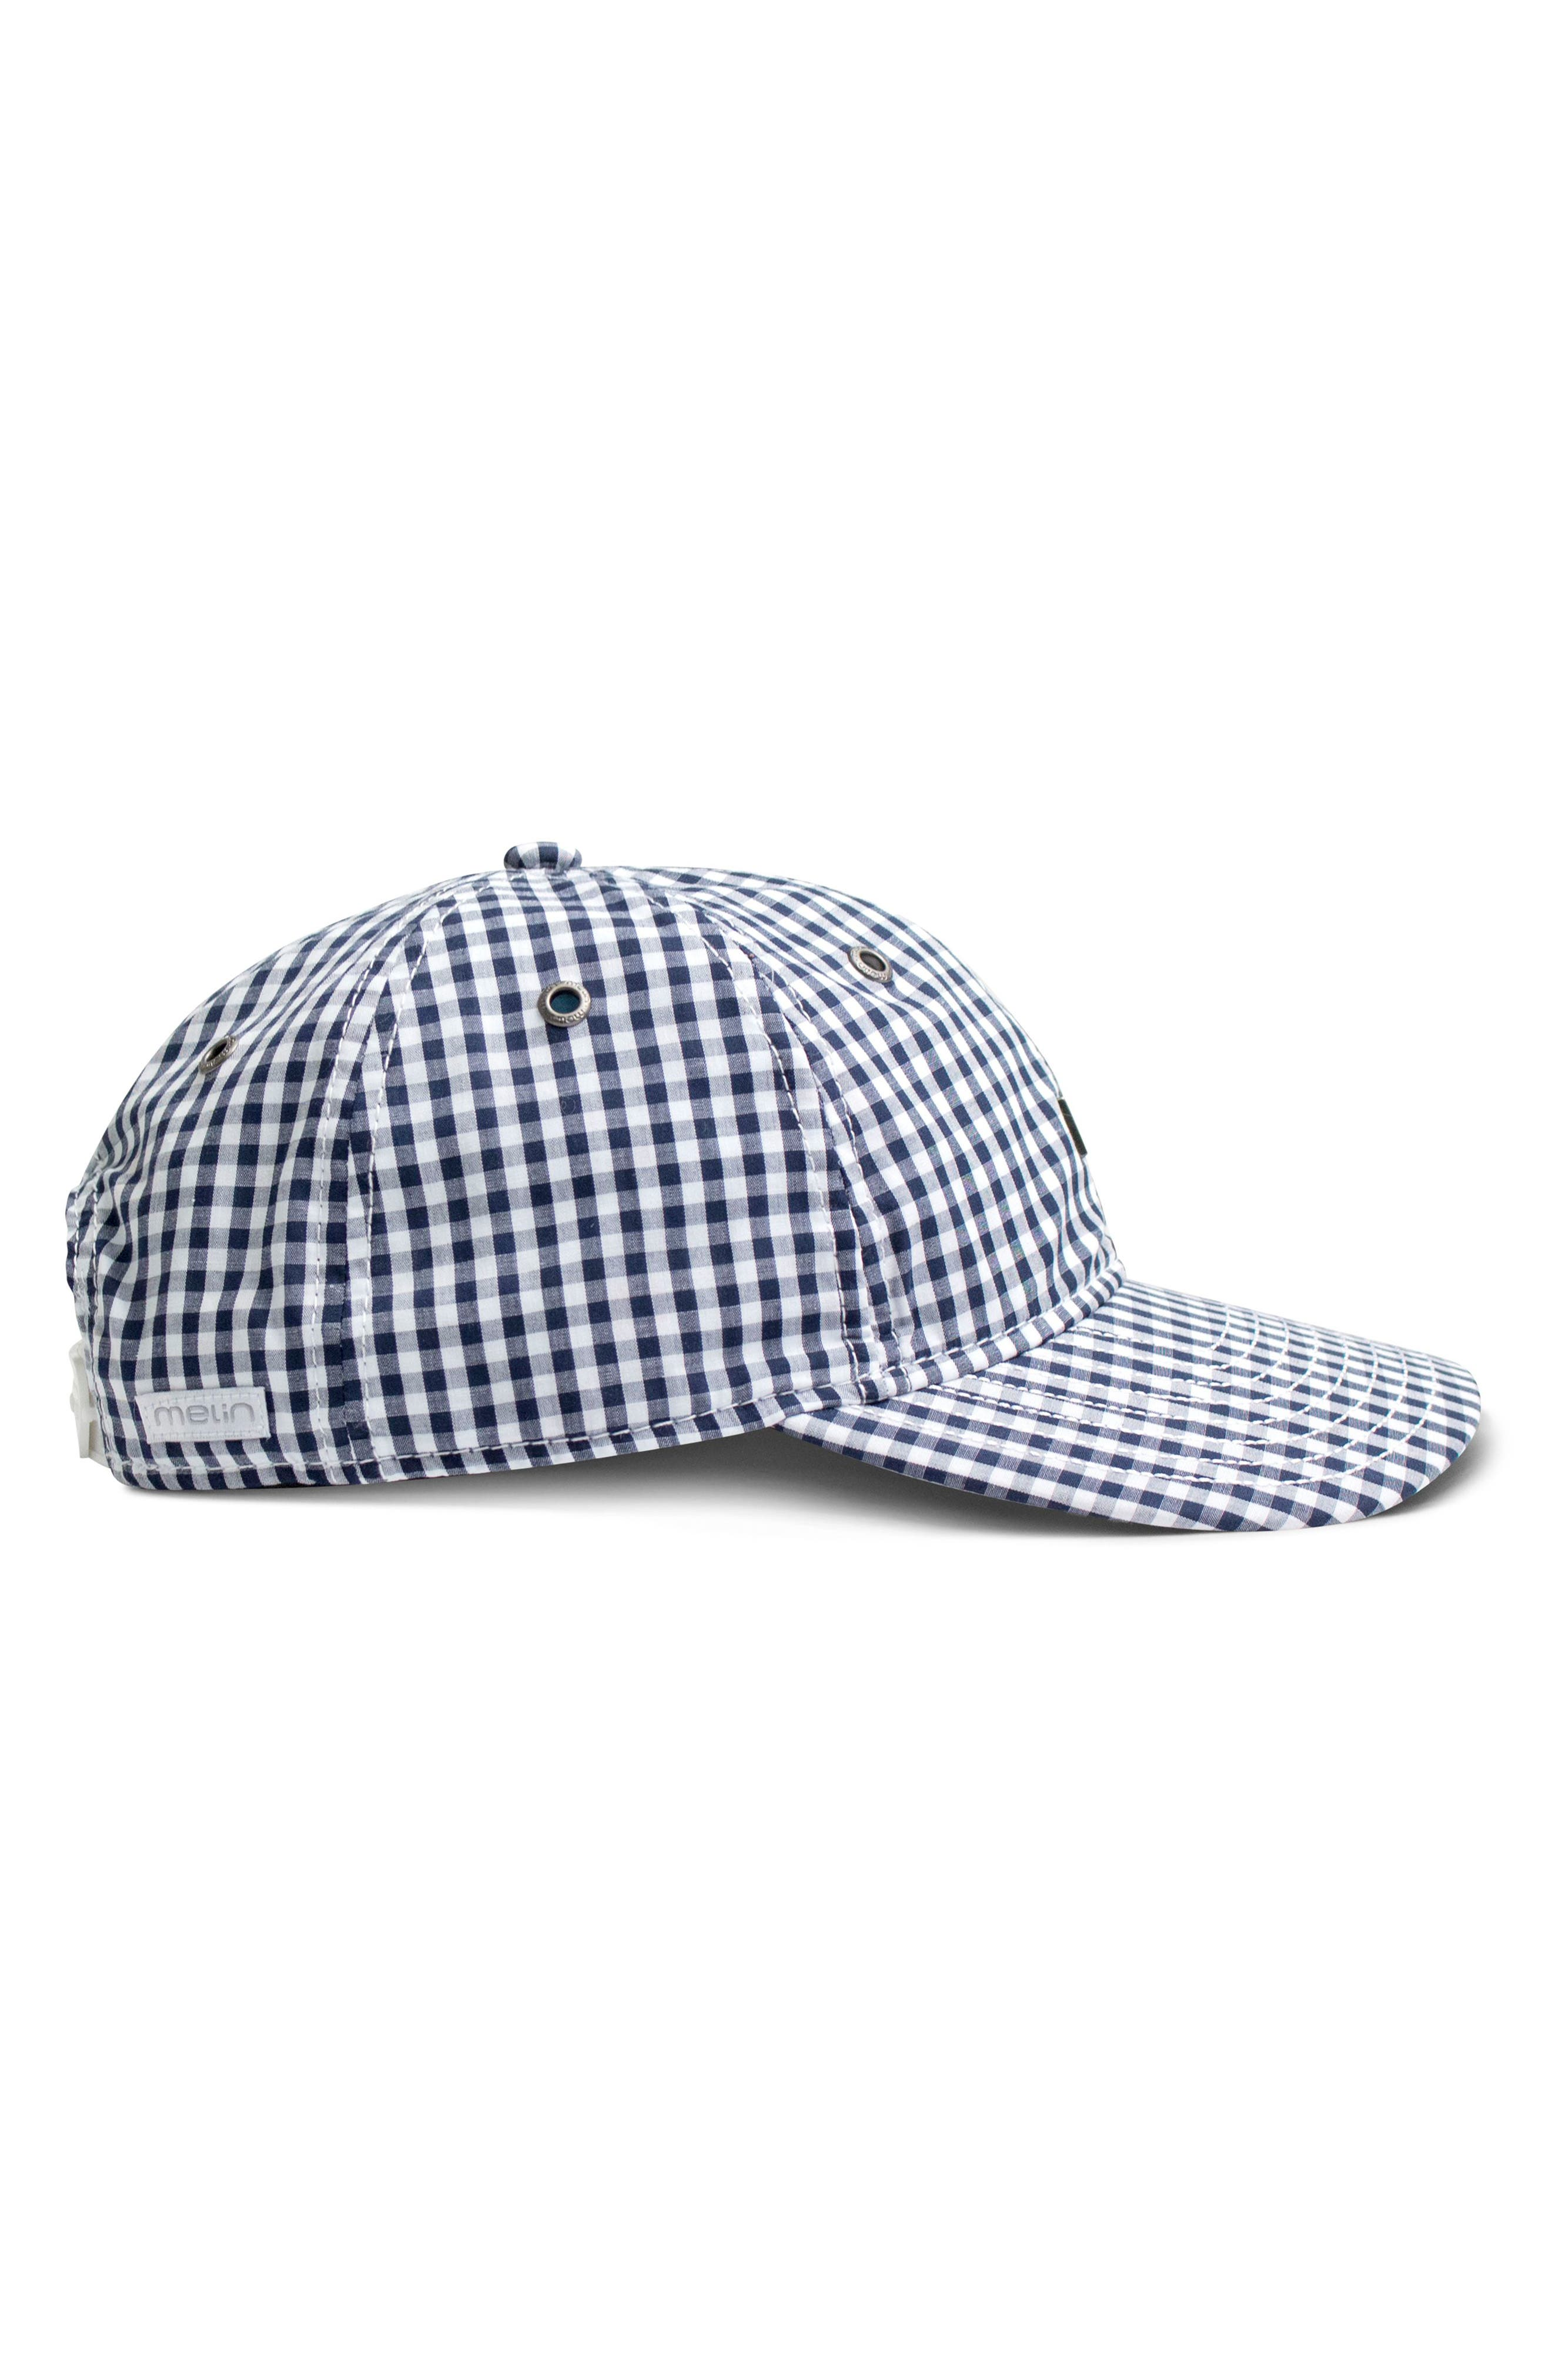 Boathouse Snapback Baseball Cap,                             Alternate thumbnail 3, color,